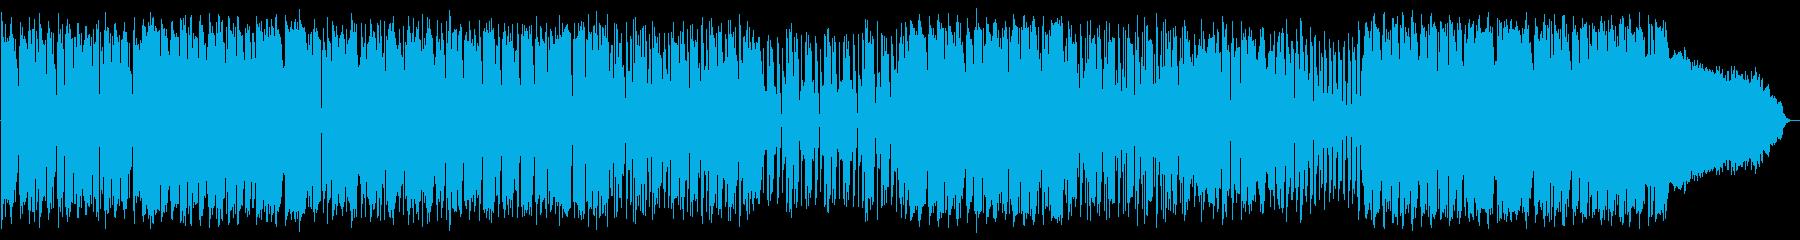 ギターのカッティングが印象的なBGMの再生済みの波形